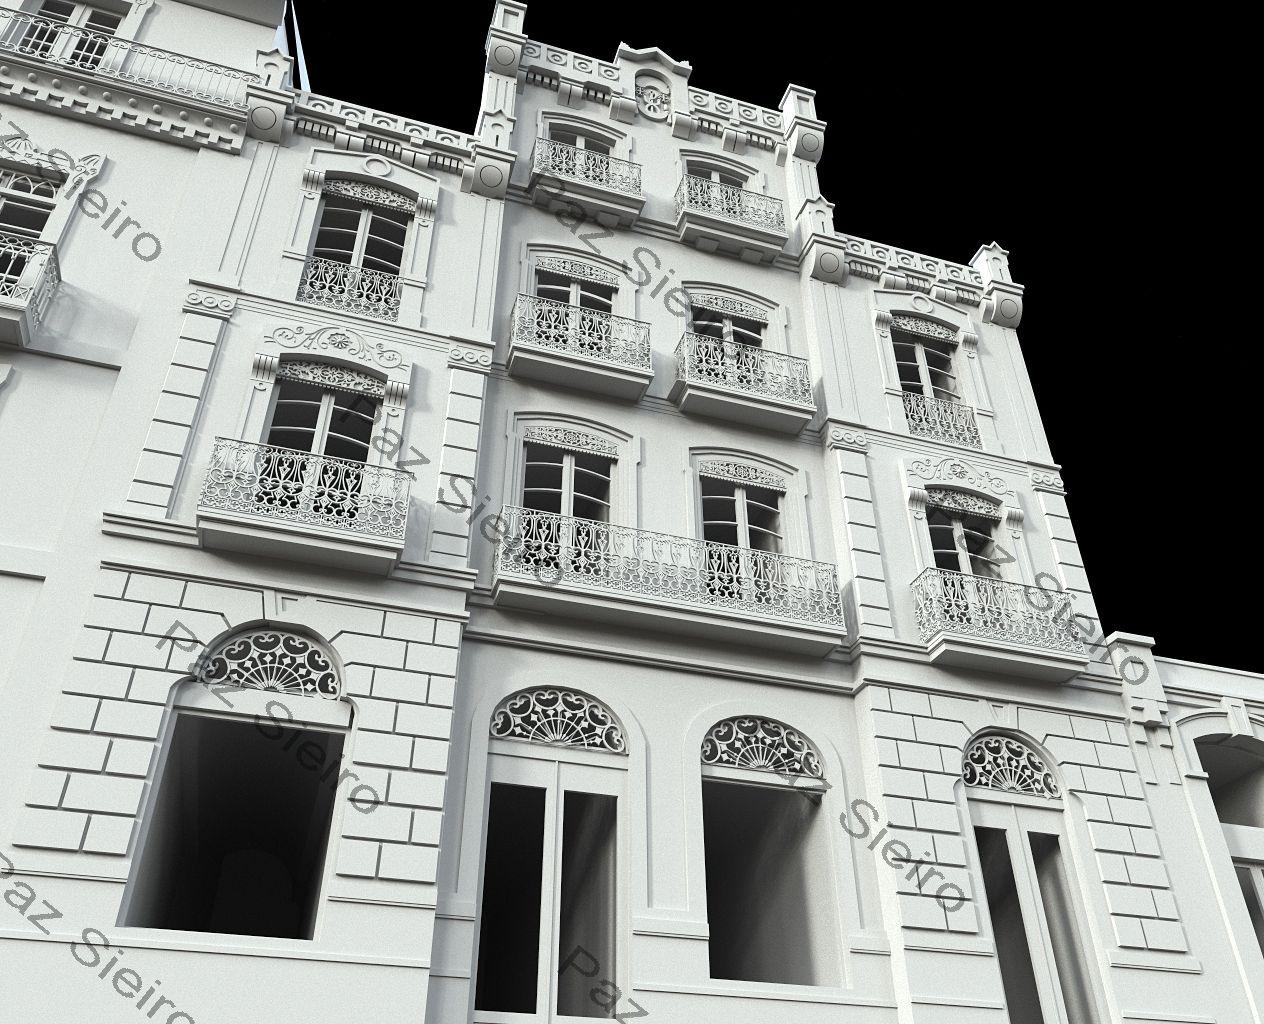 Works 3d edificio villanueva 1881 r a progreso ourense arquitectos antonio l pez crespo e - Arquitectos ourense ...